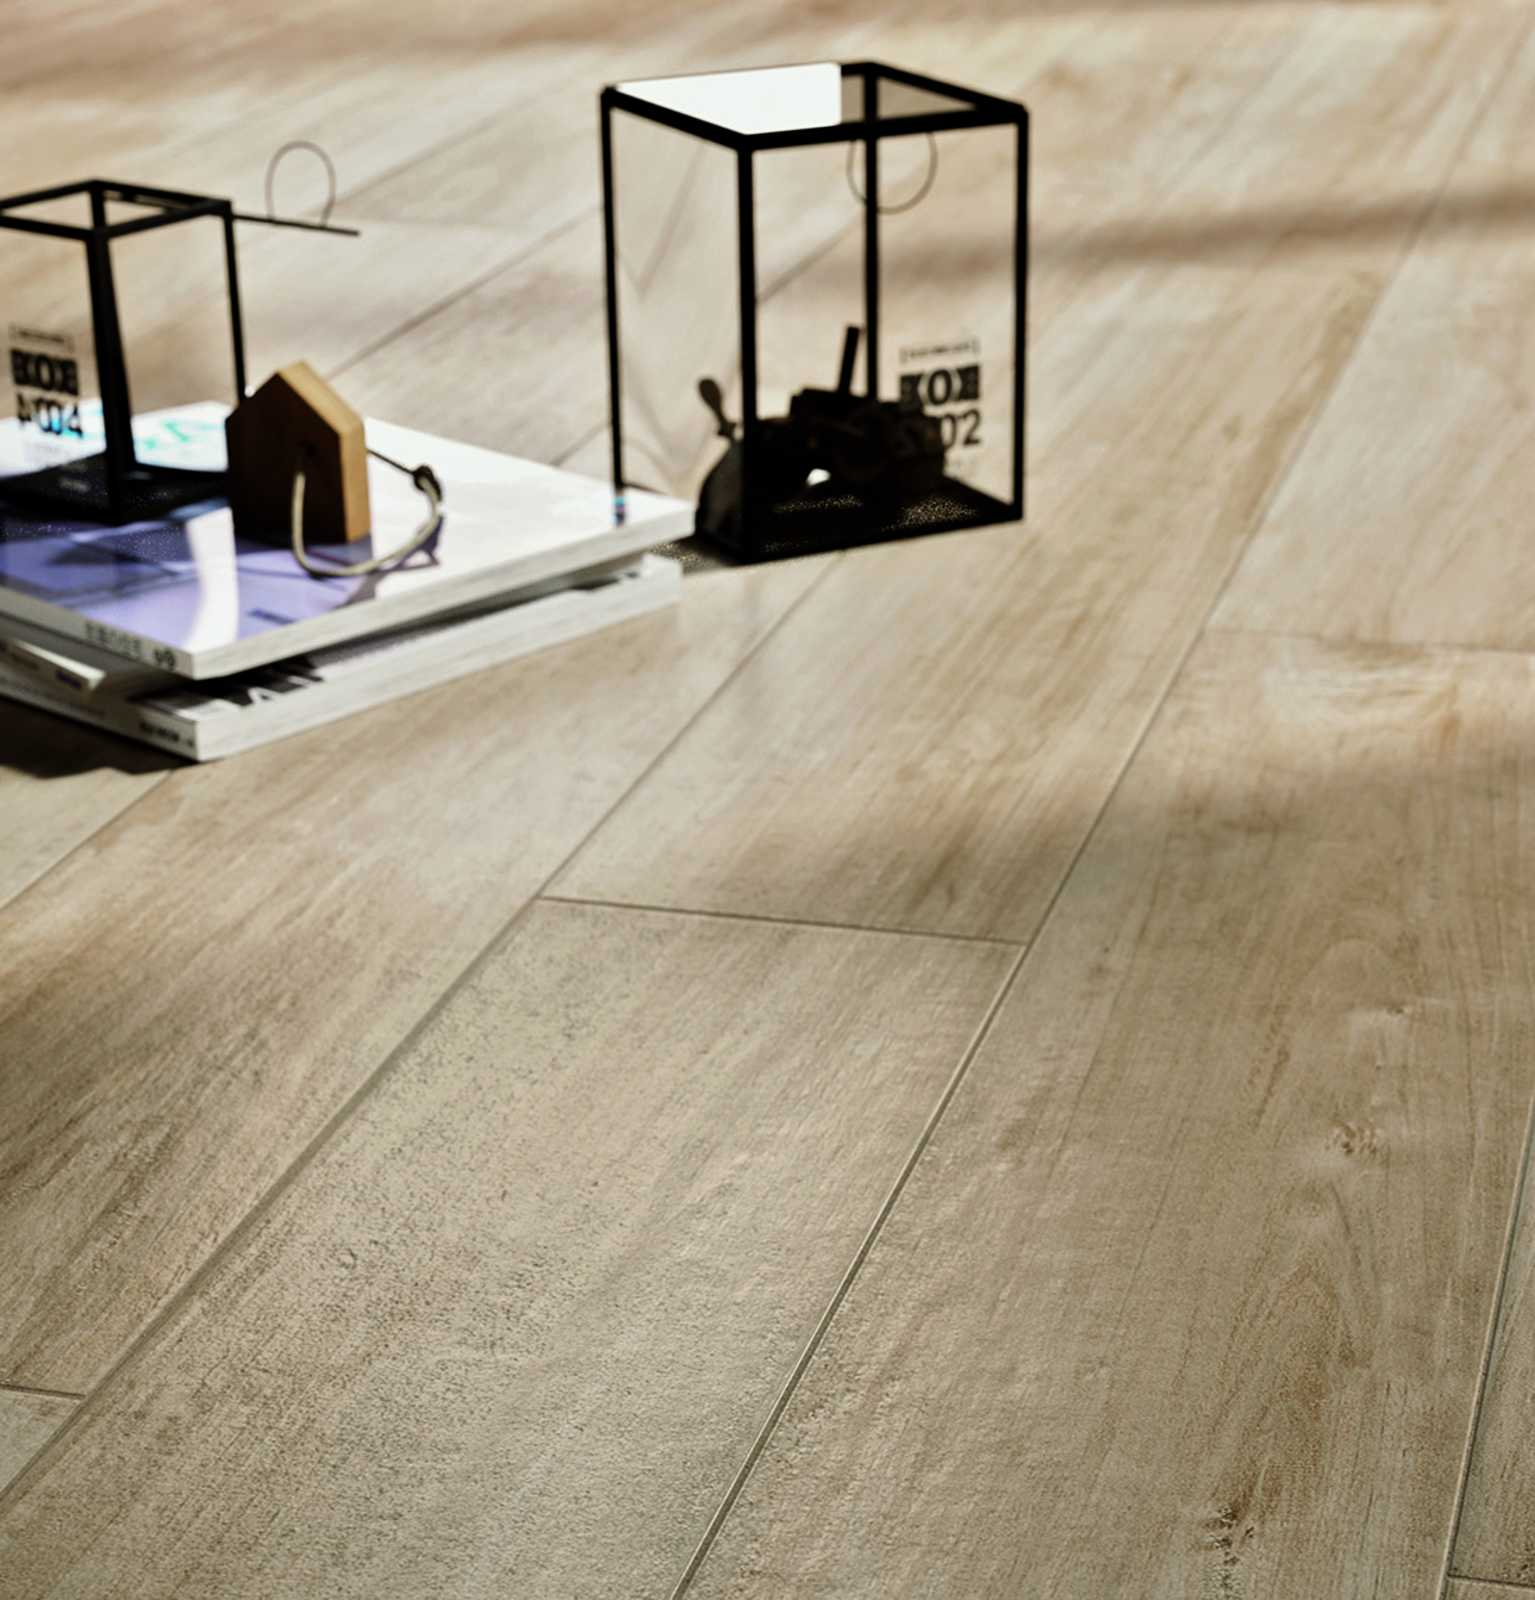 Piastrelle effetto legno e parquet ragno - Piastrelle in gres porcellanato effetto legno prezzi ...